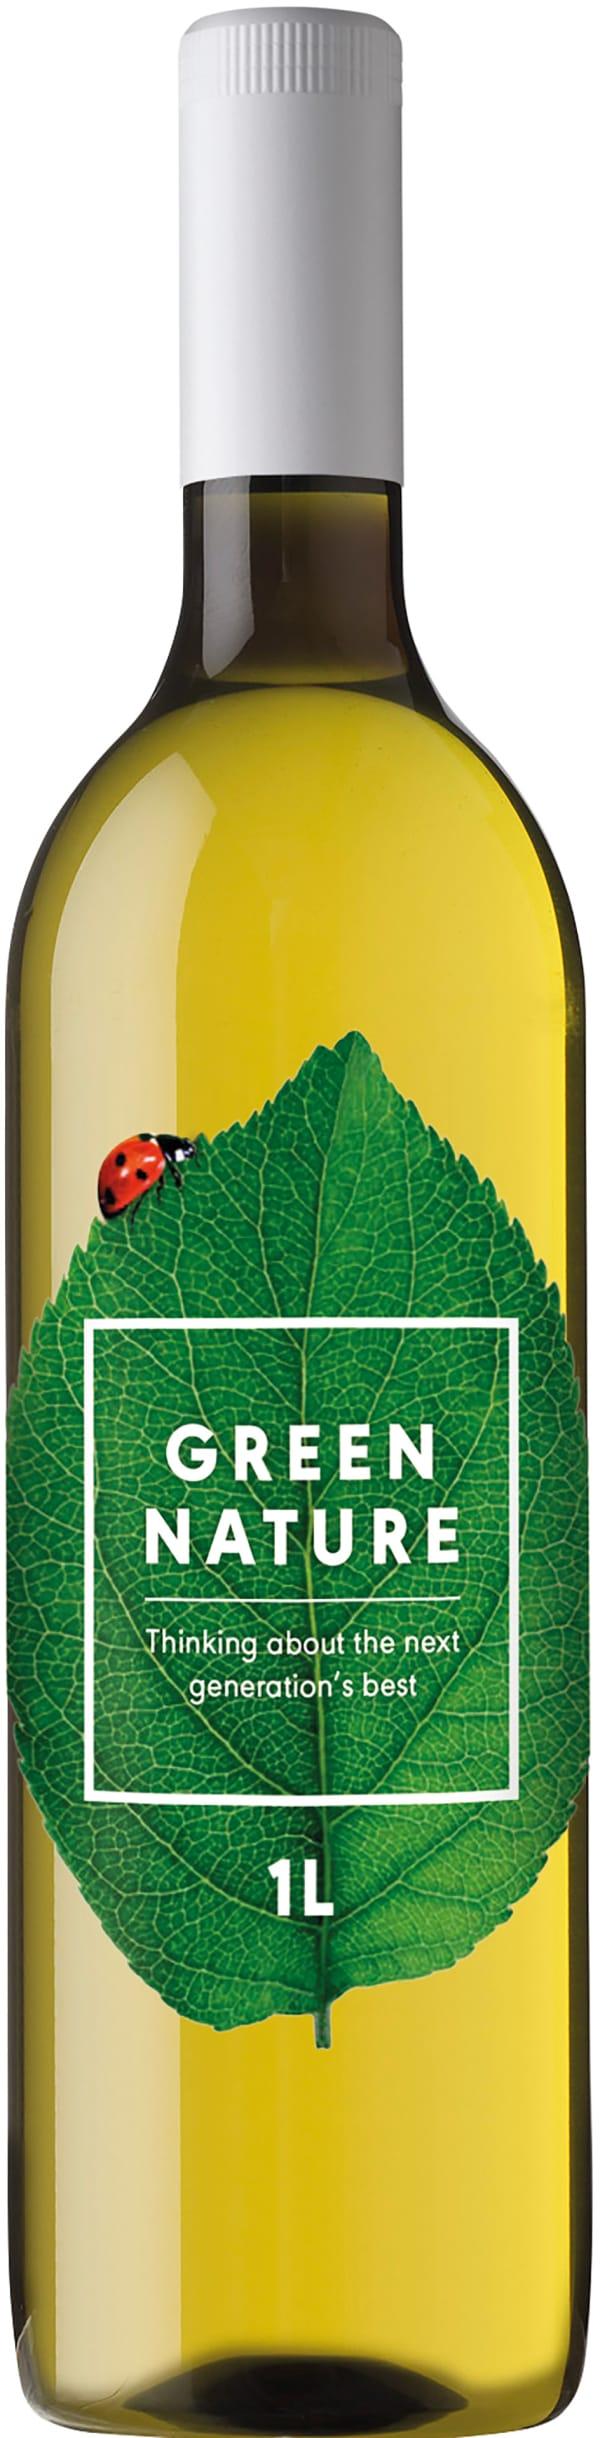 Green Nature 2014 muovipullo